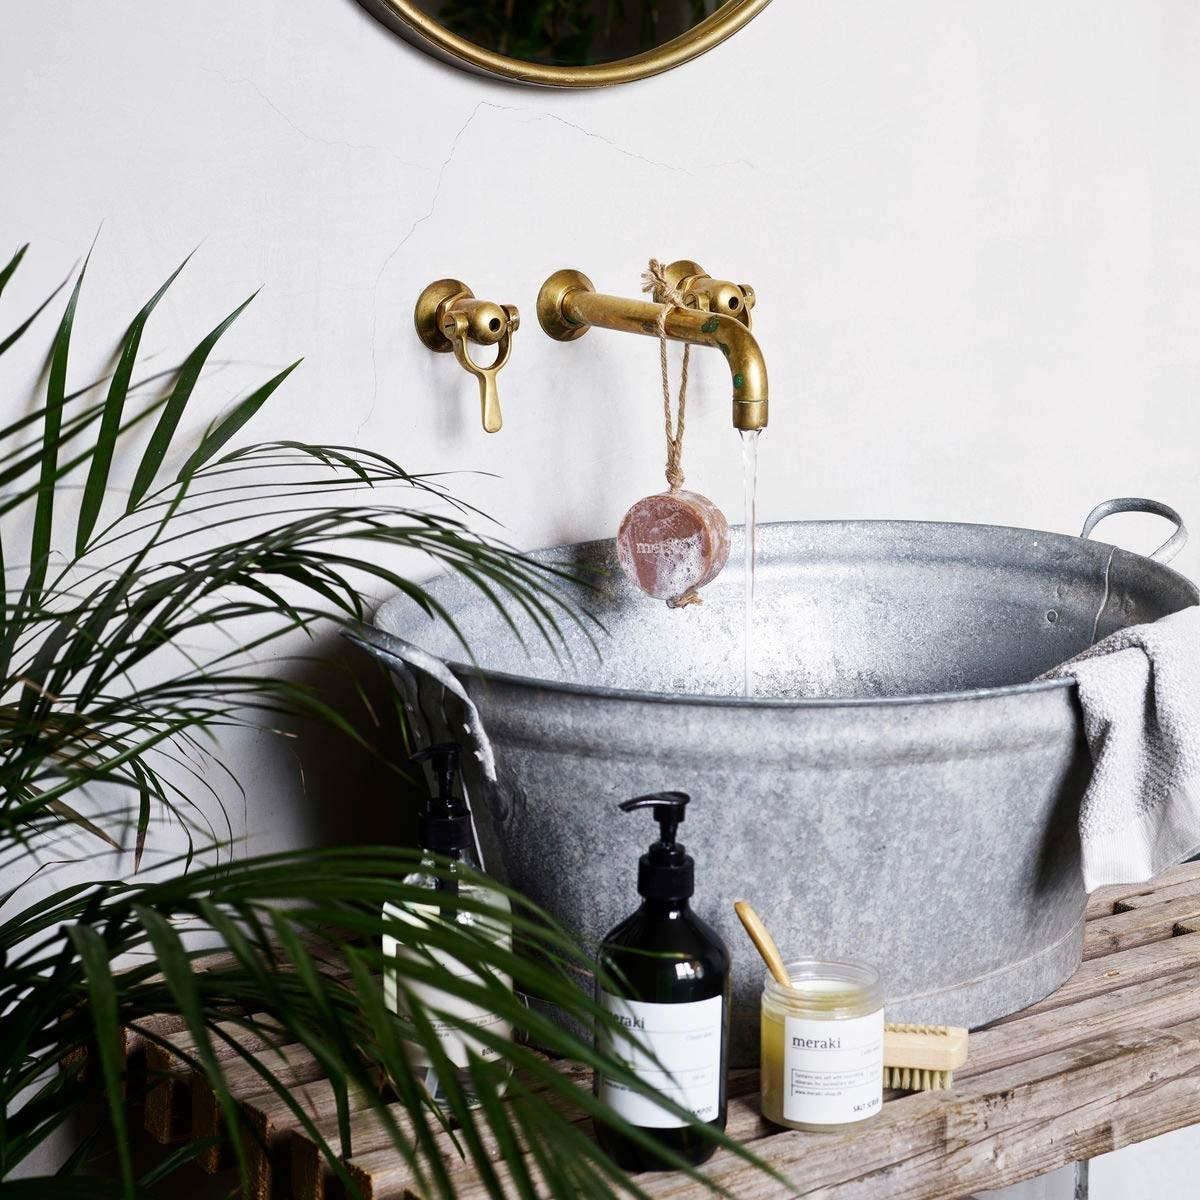 Obrázek z Mýdlo s mangostanem na zavěšení přírodní